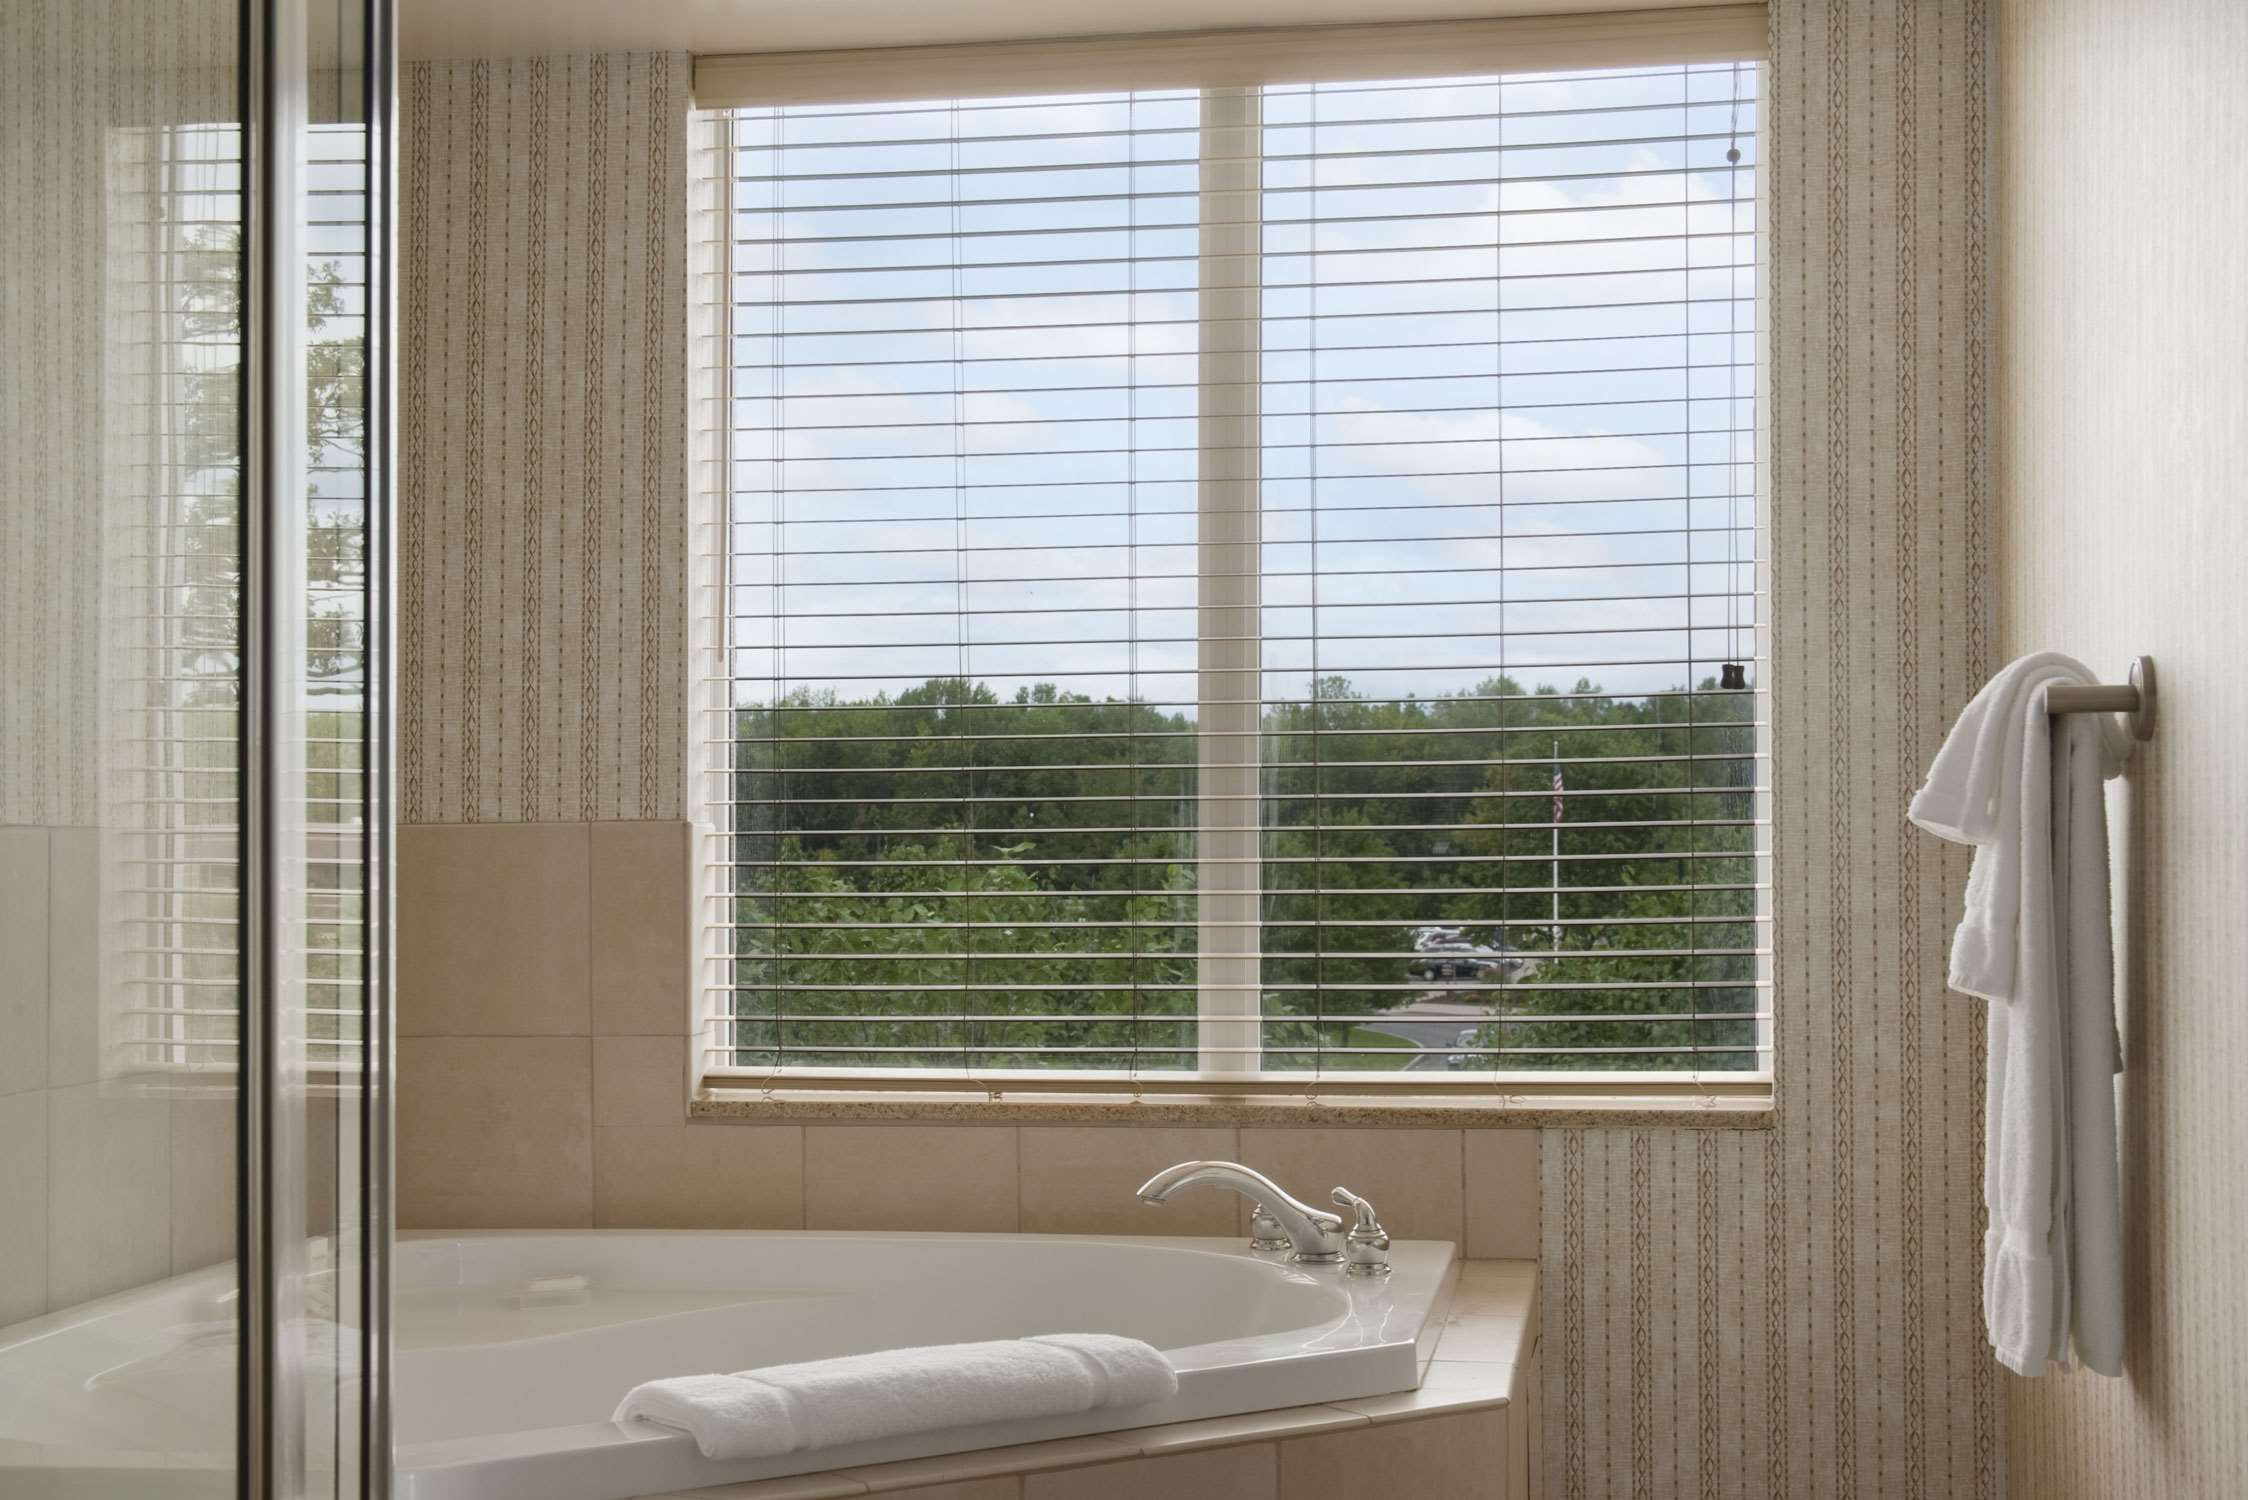 Hilton Garden Inn Syracuse image 10